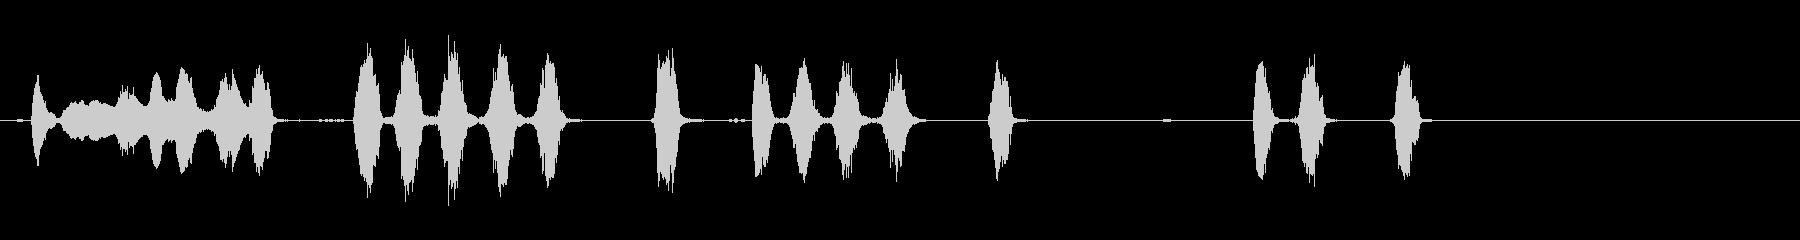 犬-樹皮1の未再生の波形